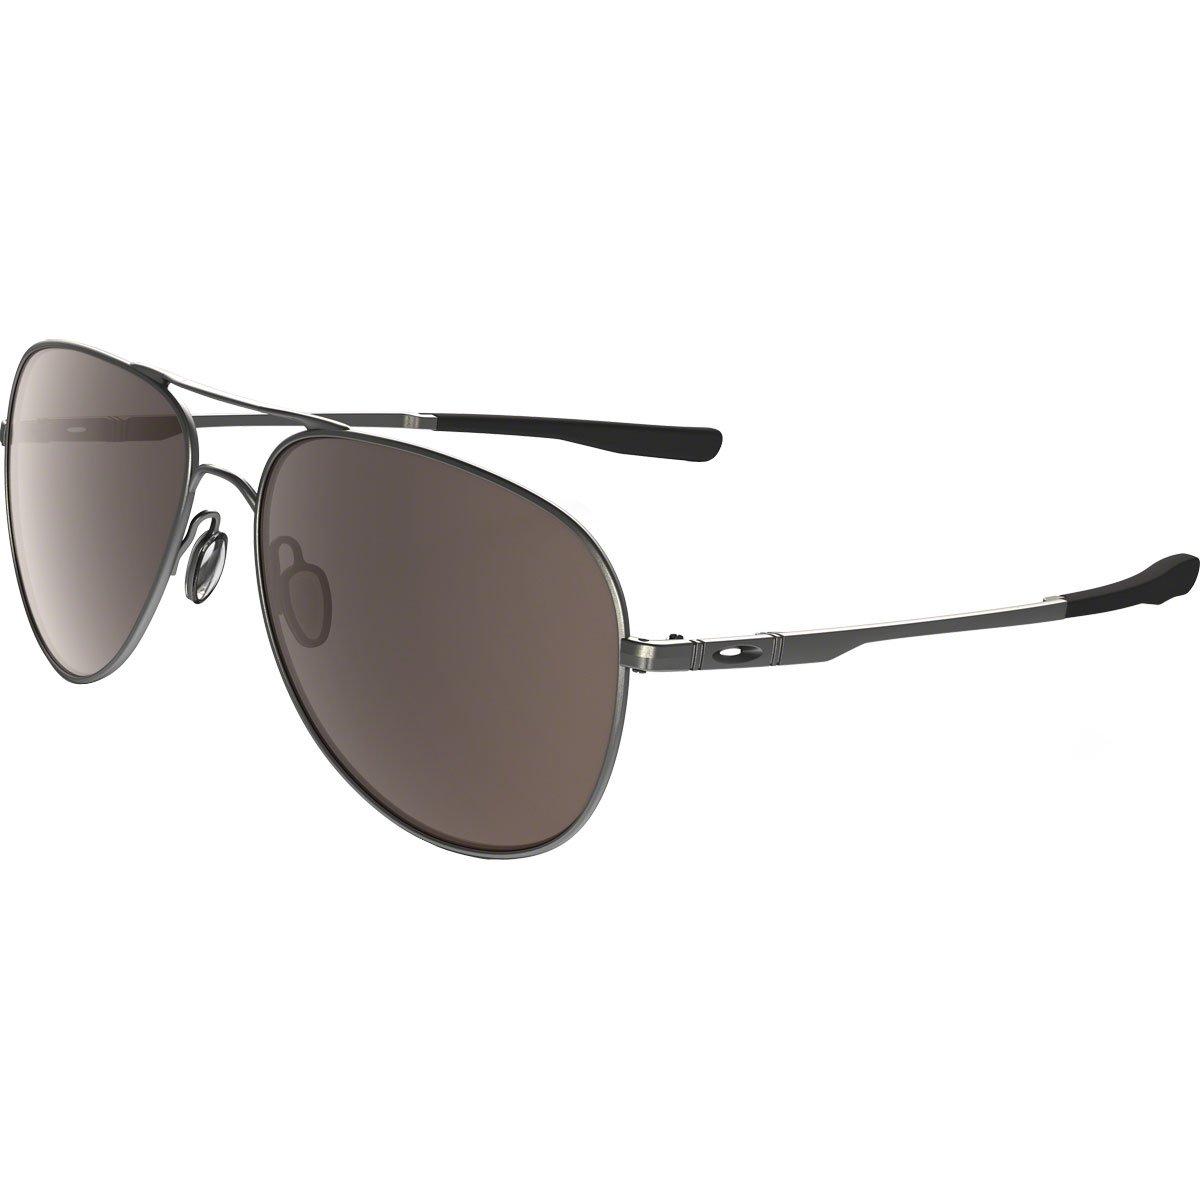 Oakley OO4119 Elmont Round Metal Sunglasses, Gunmetal/Warm Grey, 60 mm by Oakley